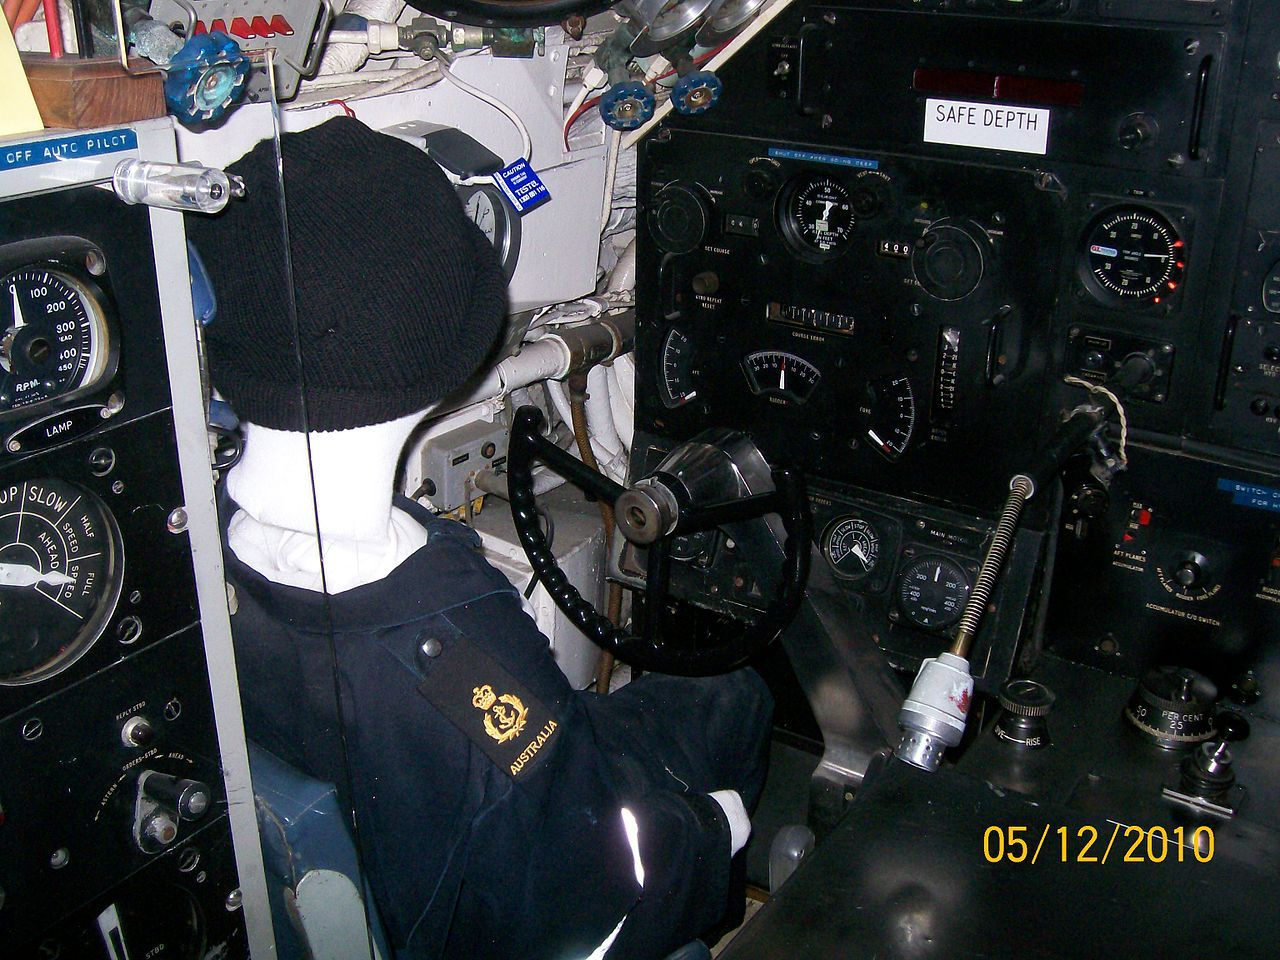 OberonclassSubmarineHelm Oberonclass submarine